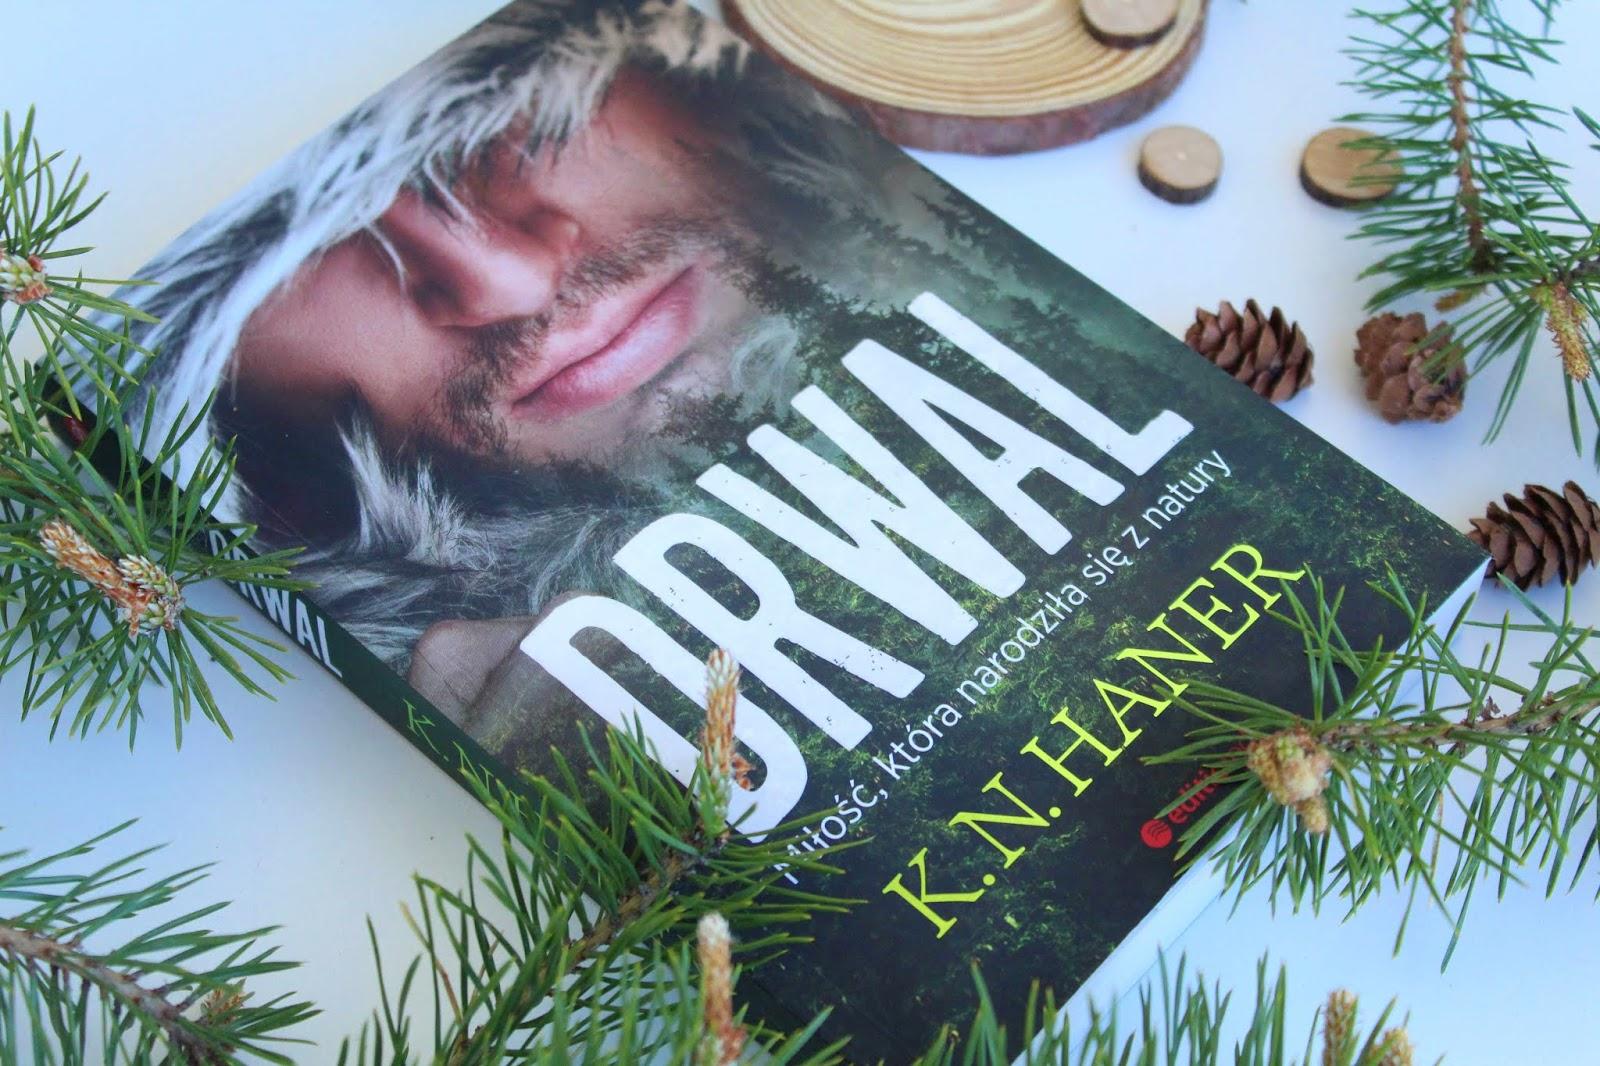 """Przedpremierowo - K.N.Haner """"Drwal, miłość która narodziła się z natury"""" - recenzja"""